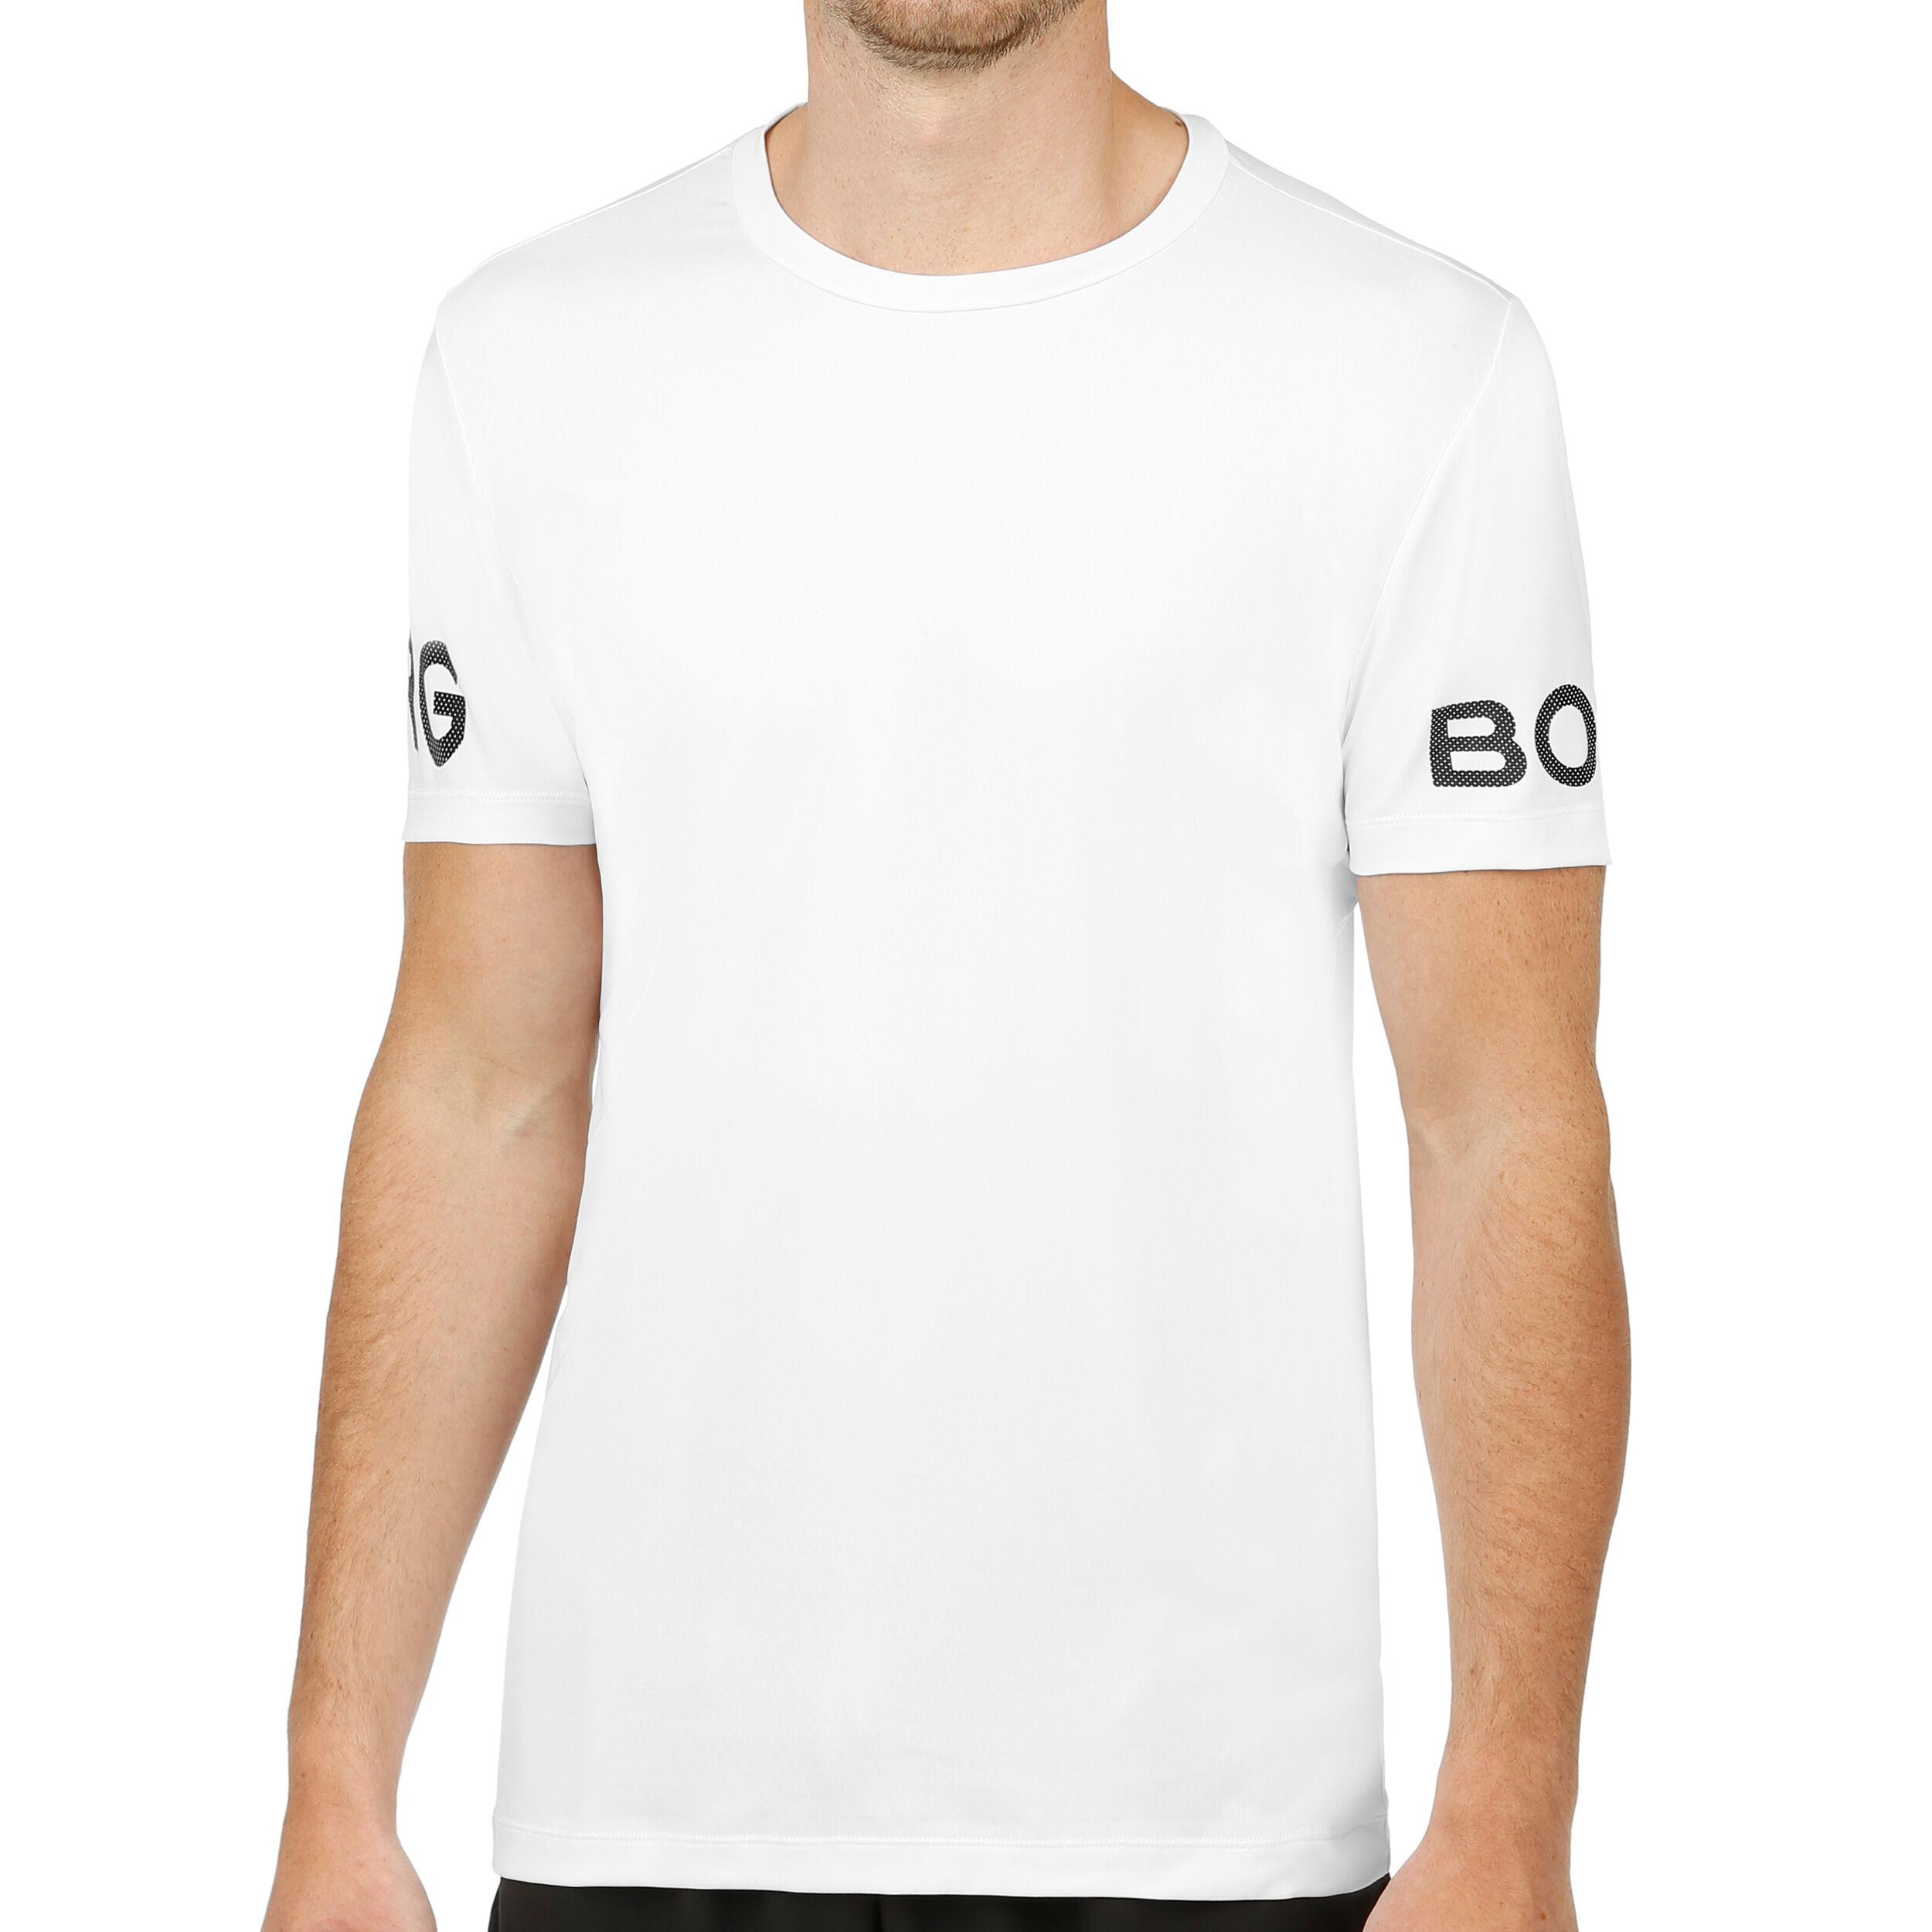 Borg T shirt Herrer Hvid, Sort